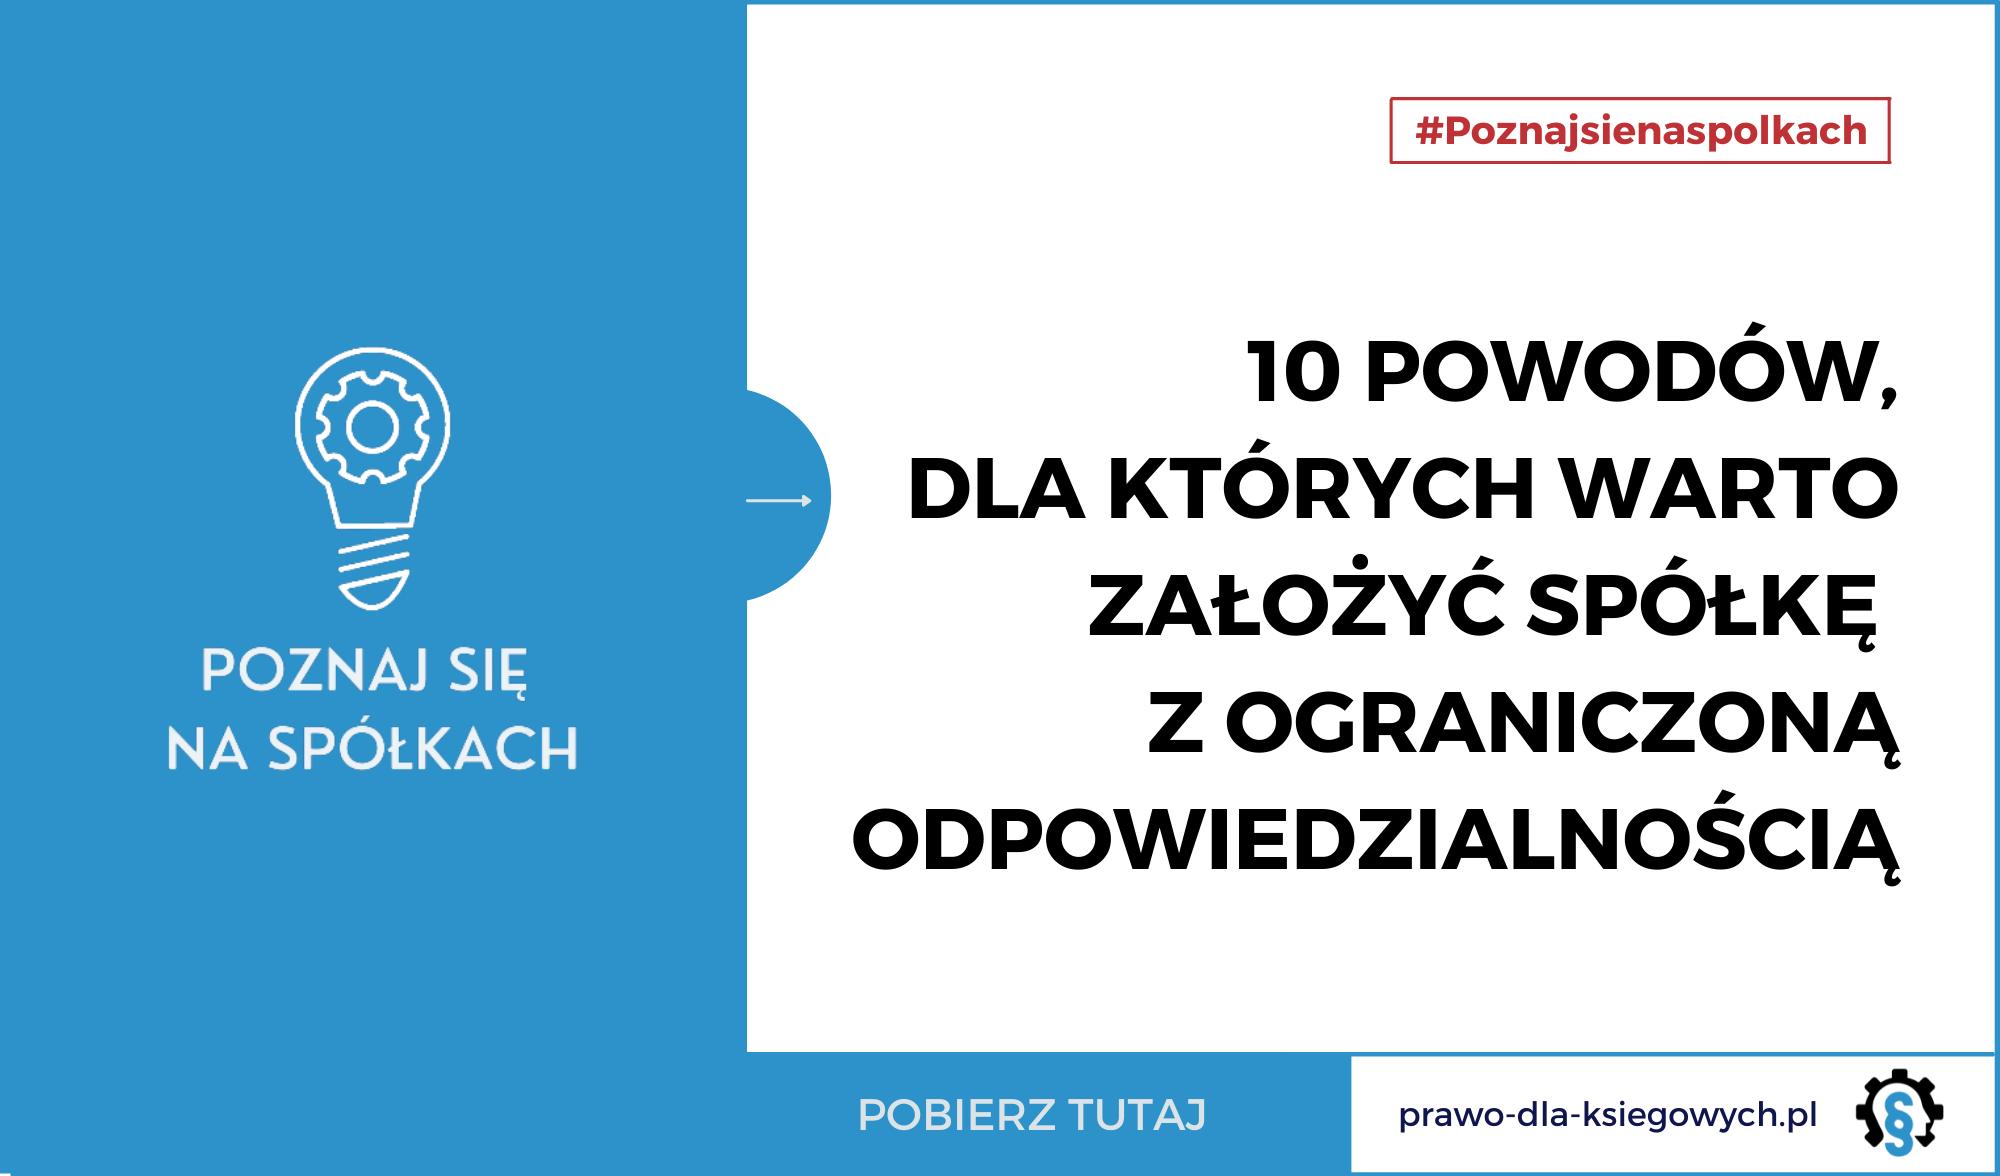 https://prawo-dla-ksiegowych.pl/10-powodow-dla-ktorych-warto-zalozyc-spolke-z-o-o/